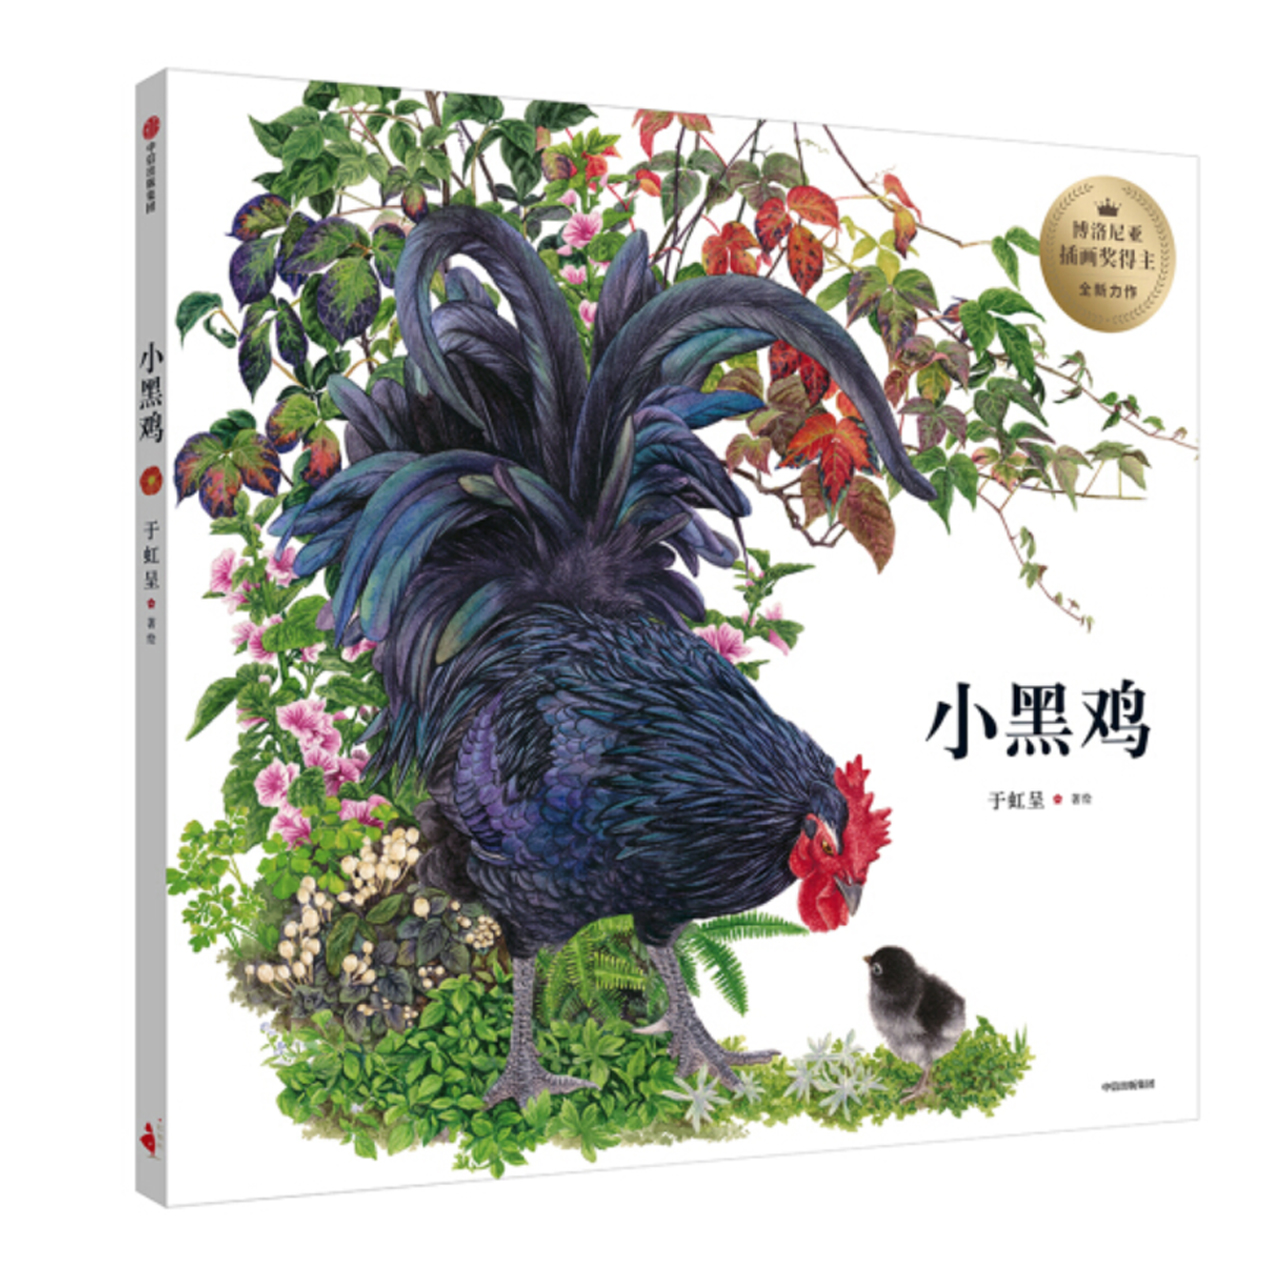 小黑鸡【儿童绘本/简体绘本/动物绘本】